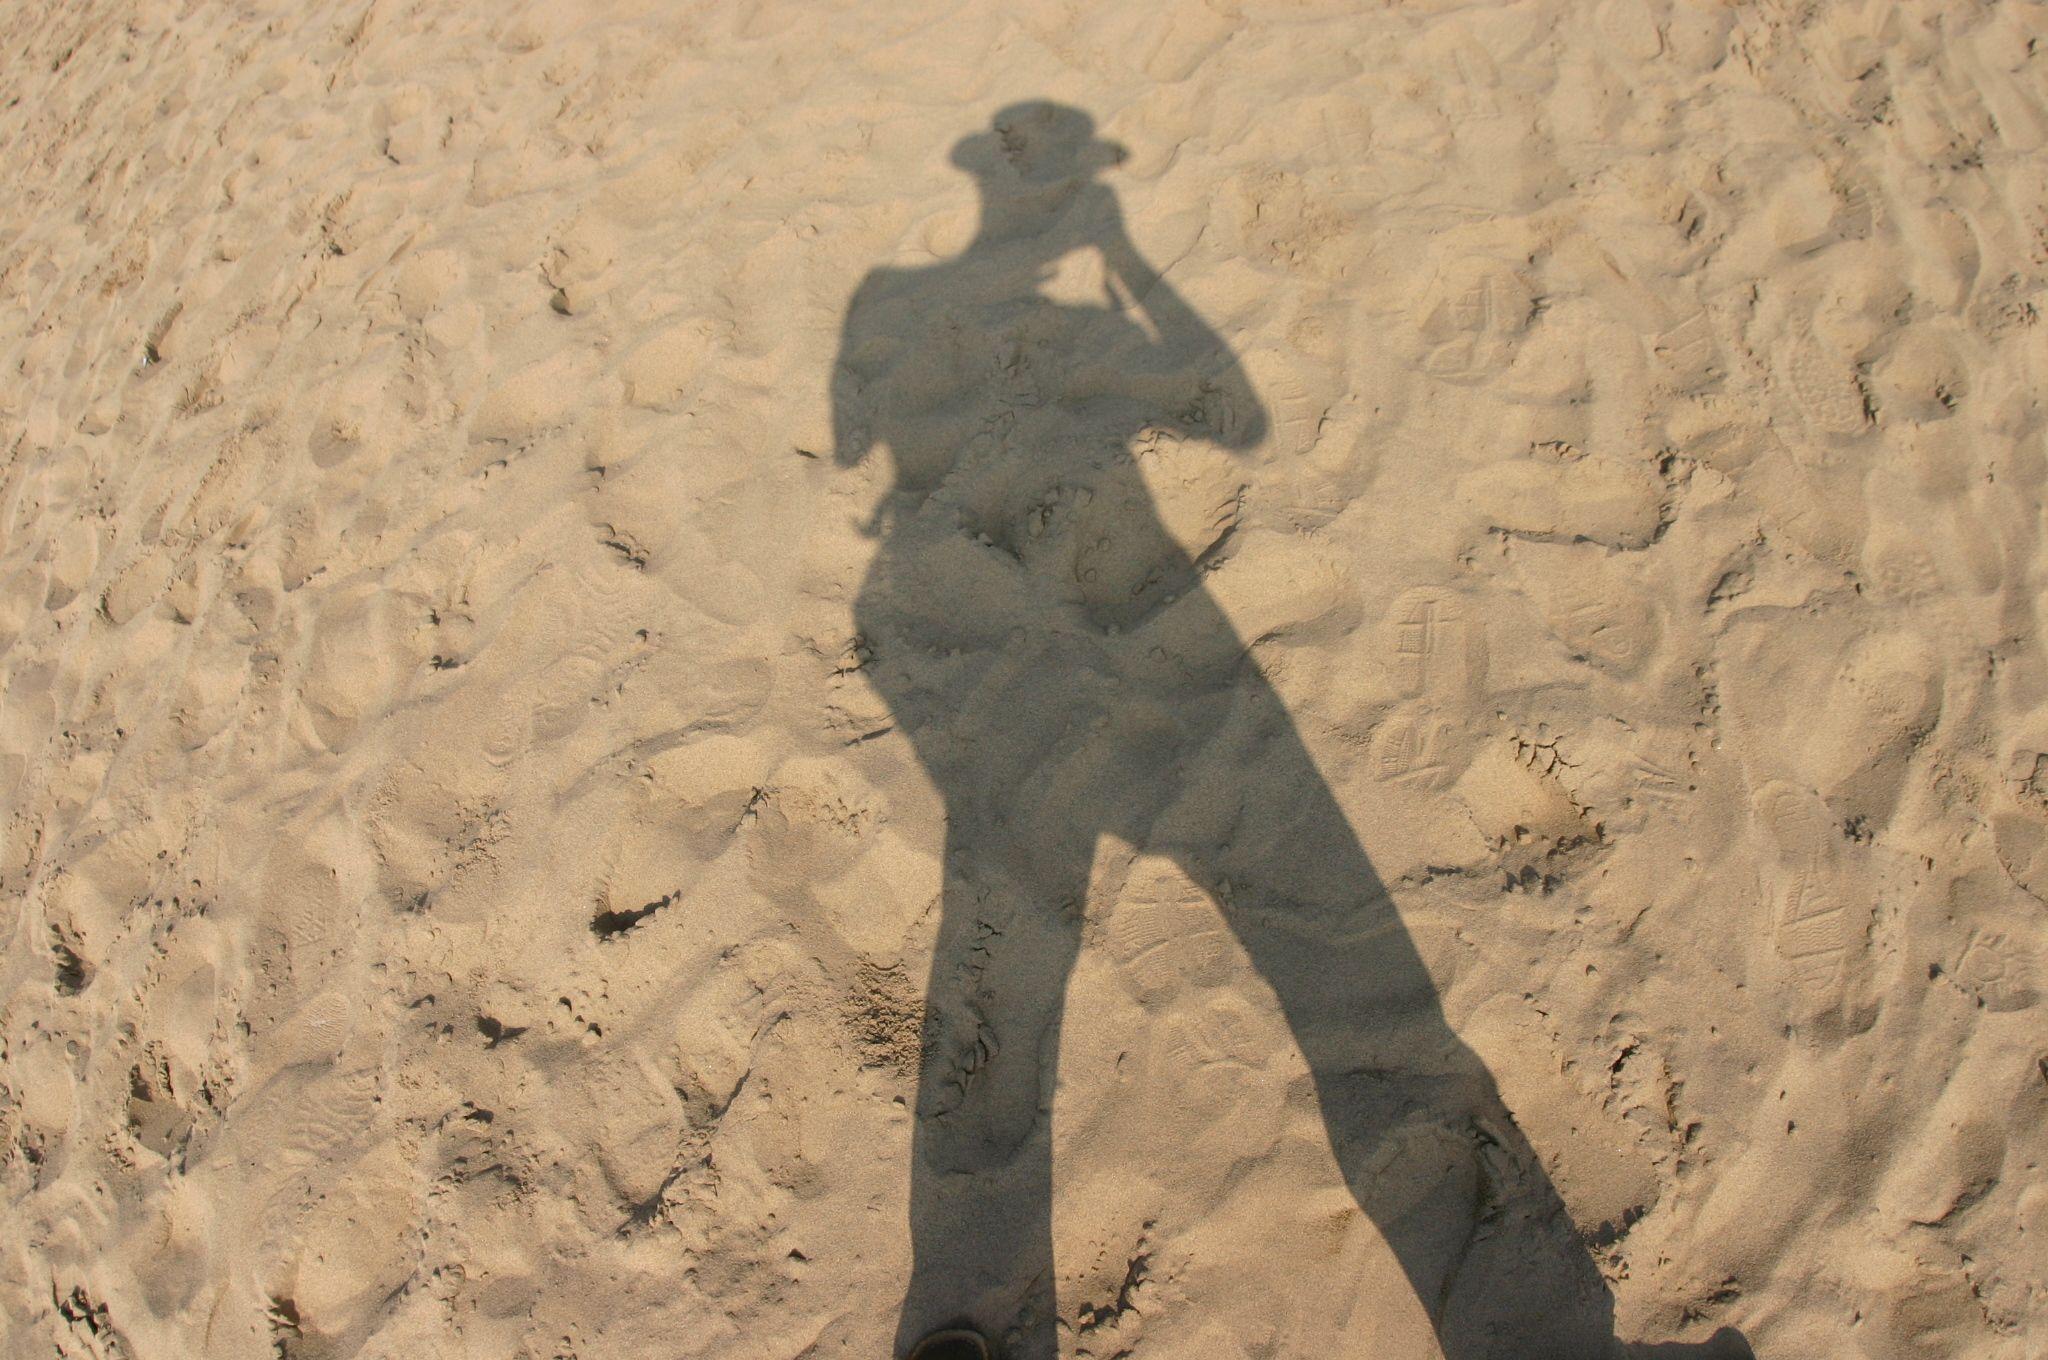 砂に写った自分